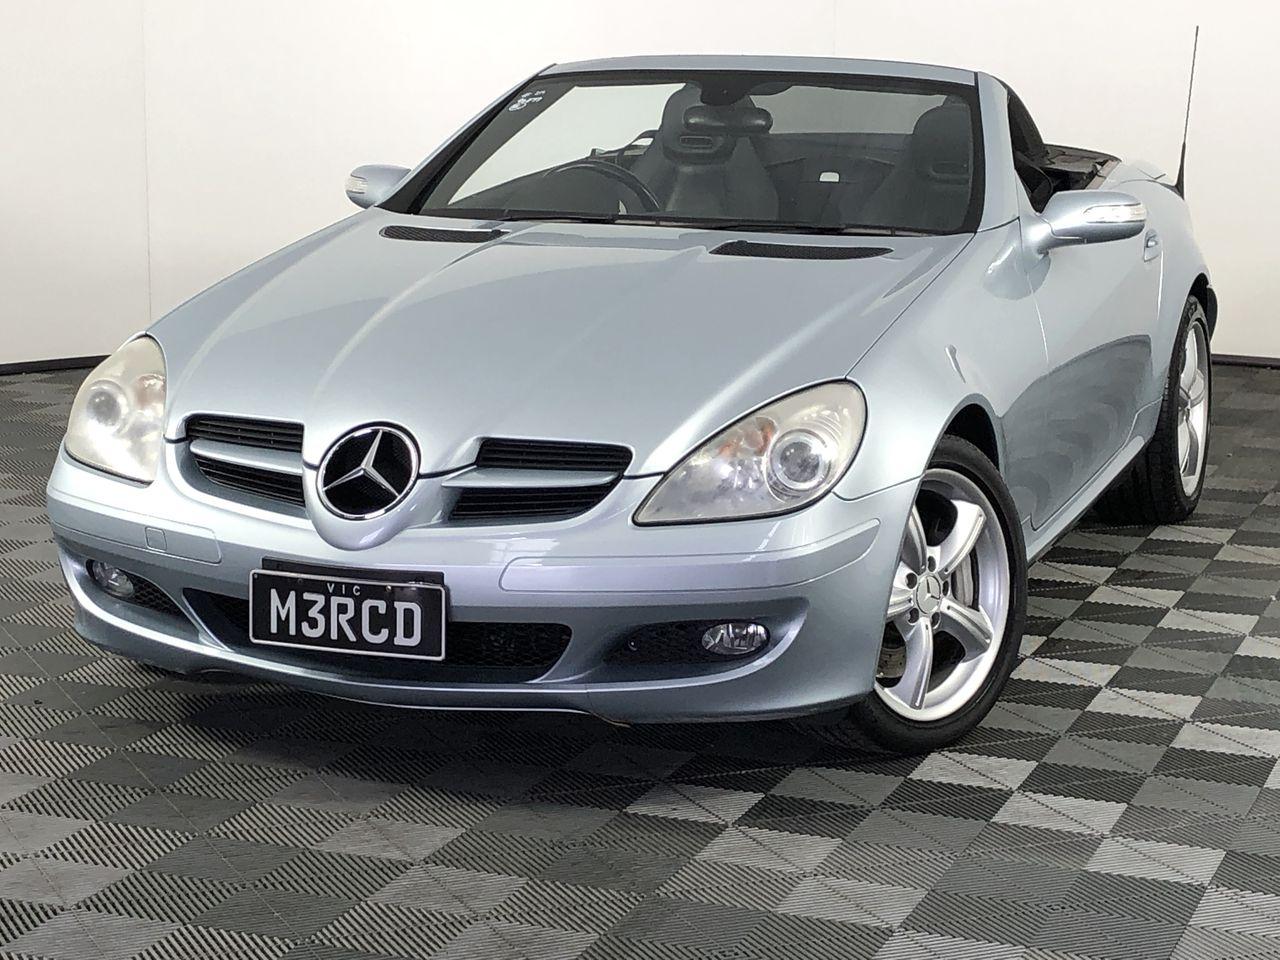 2005 Mercedes Benz SLK 350 R171 Automatic Convertible